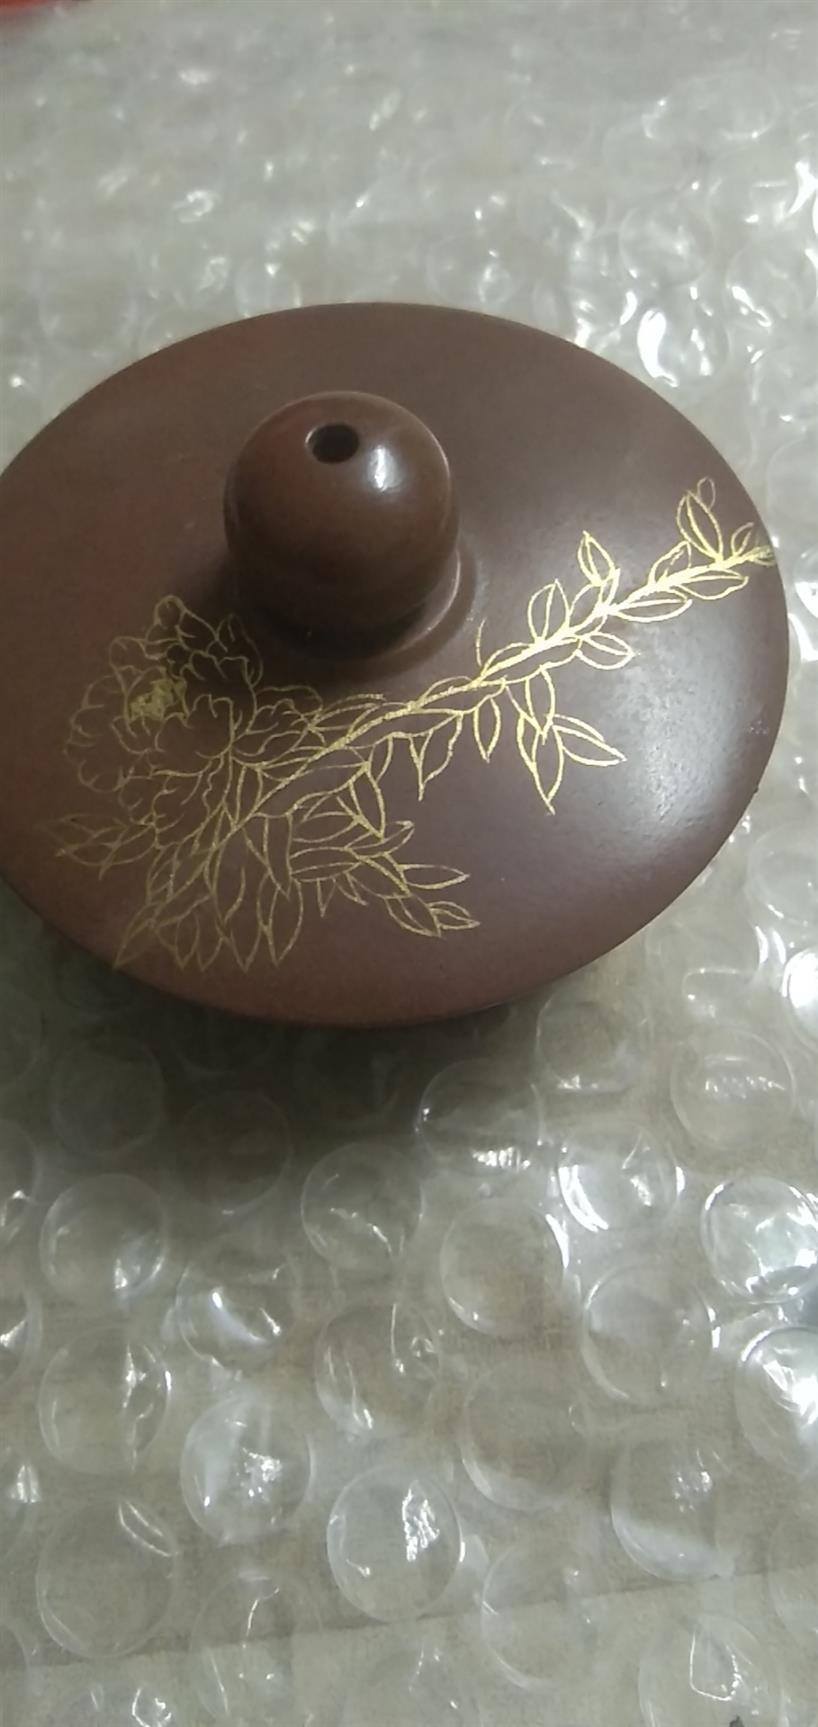 上海古代瓷器修复技术培训公司 理论实操相结合